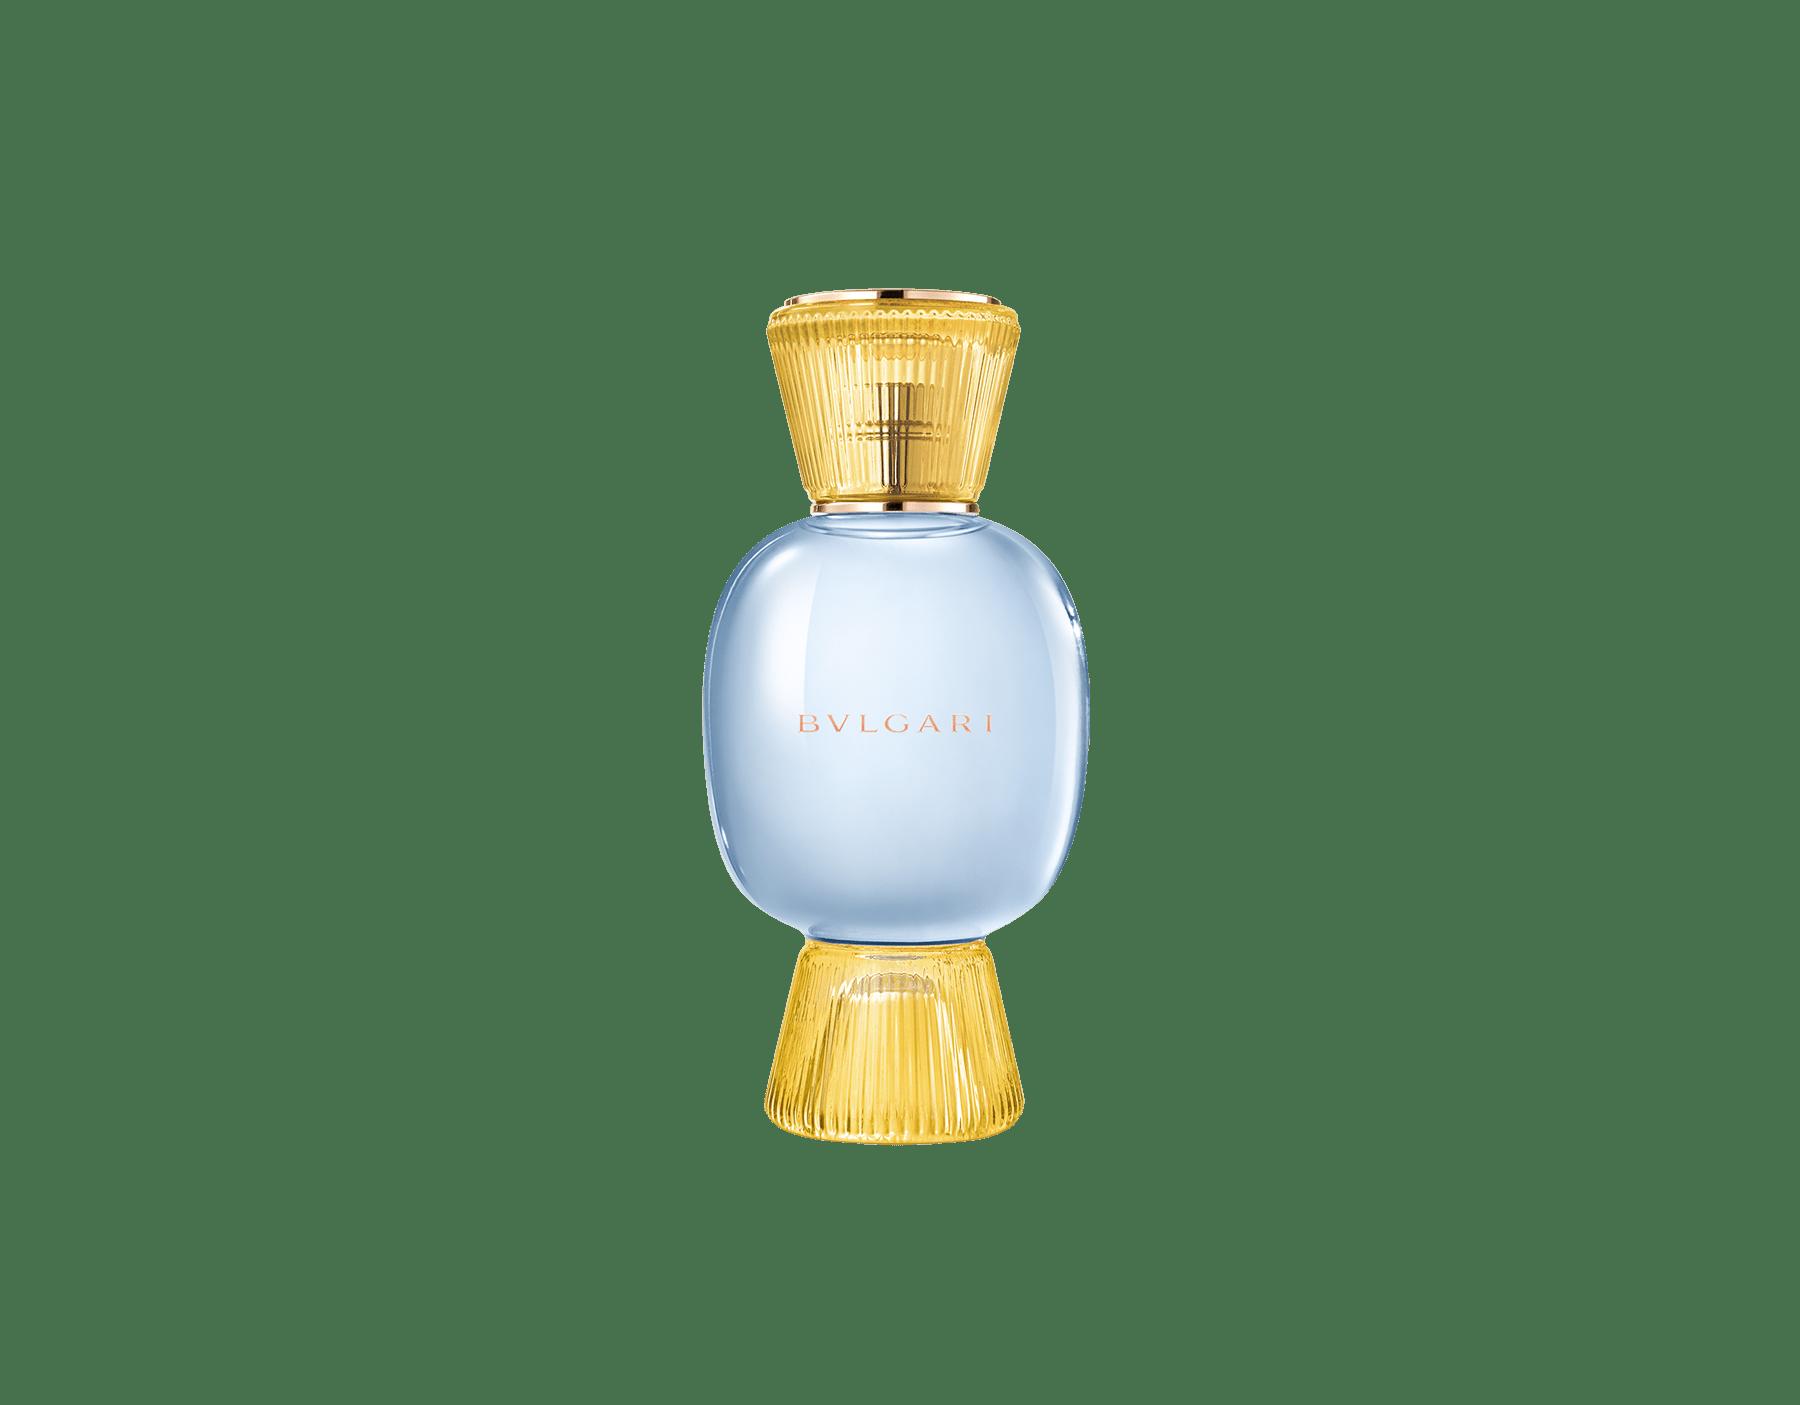 Un coffret de parfums exclusif, aussi unique et audacieux que vous. Pétillante et riche en agrumes, l'Eau de Parfum Allegra Riva Solare se mêle à la sensualité puissante de l'essence du Magnifying Patchouli pour donner vie à une irrésistible fragrance personnalisée.  Perfume-Set-Riva-Solare-Eau-de-Parfum-and-Patchouli-Magnifying image 2